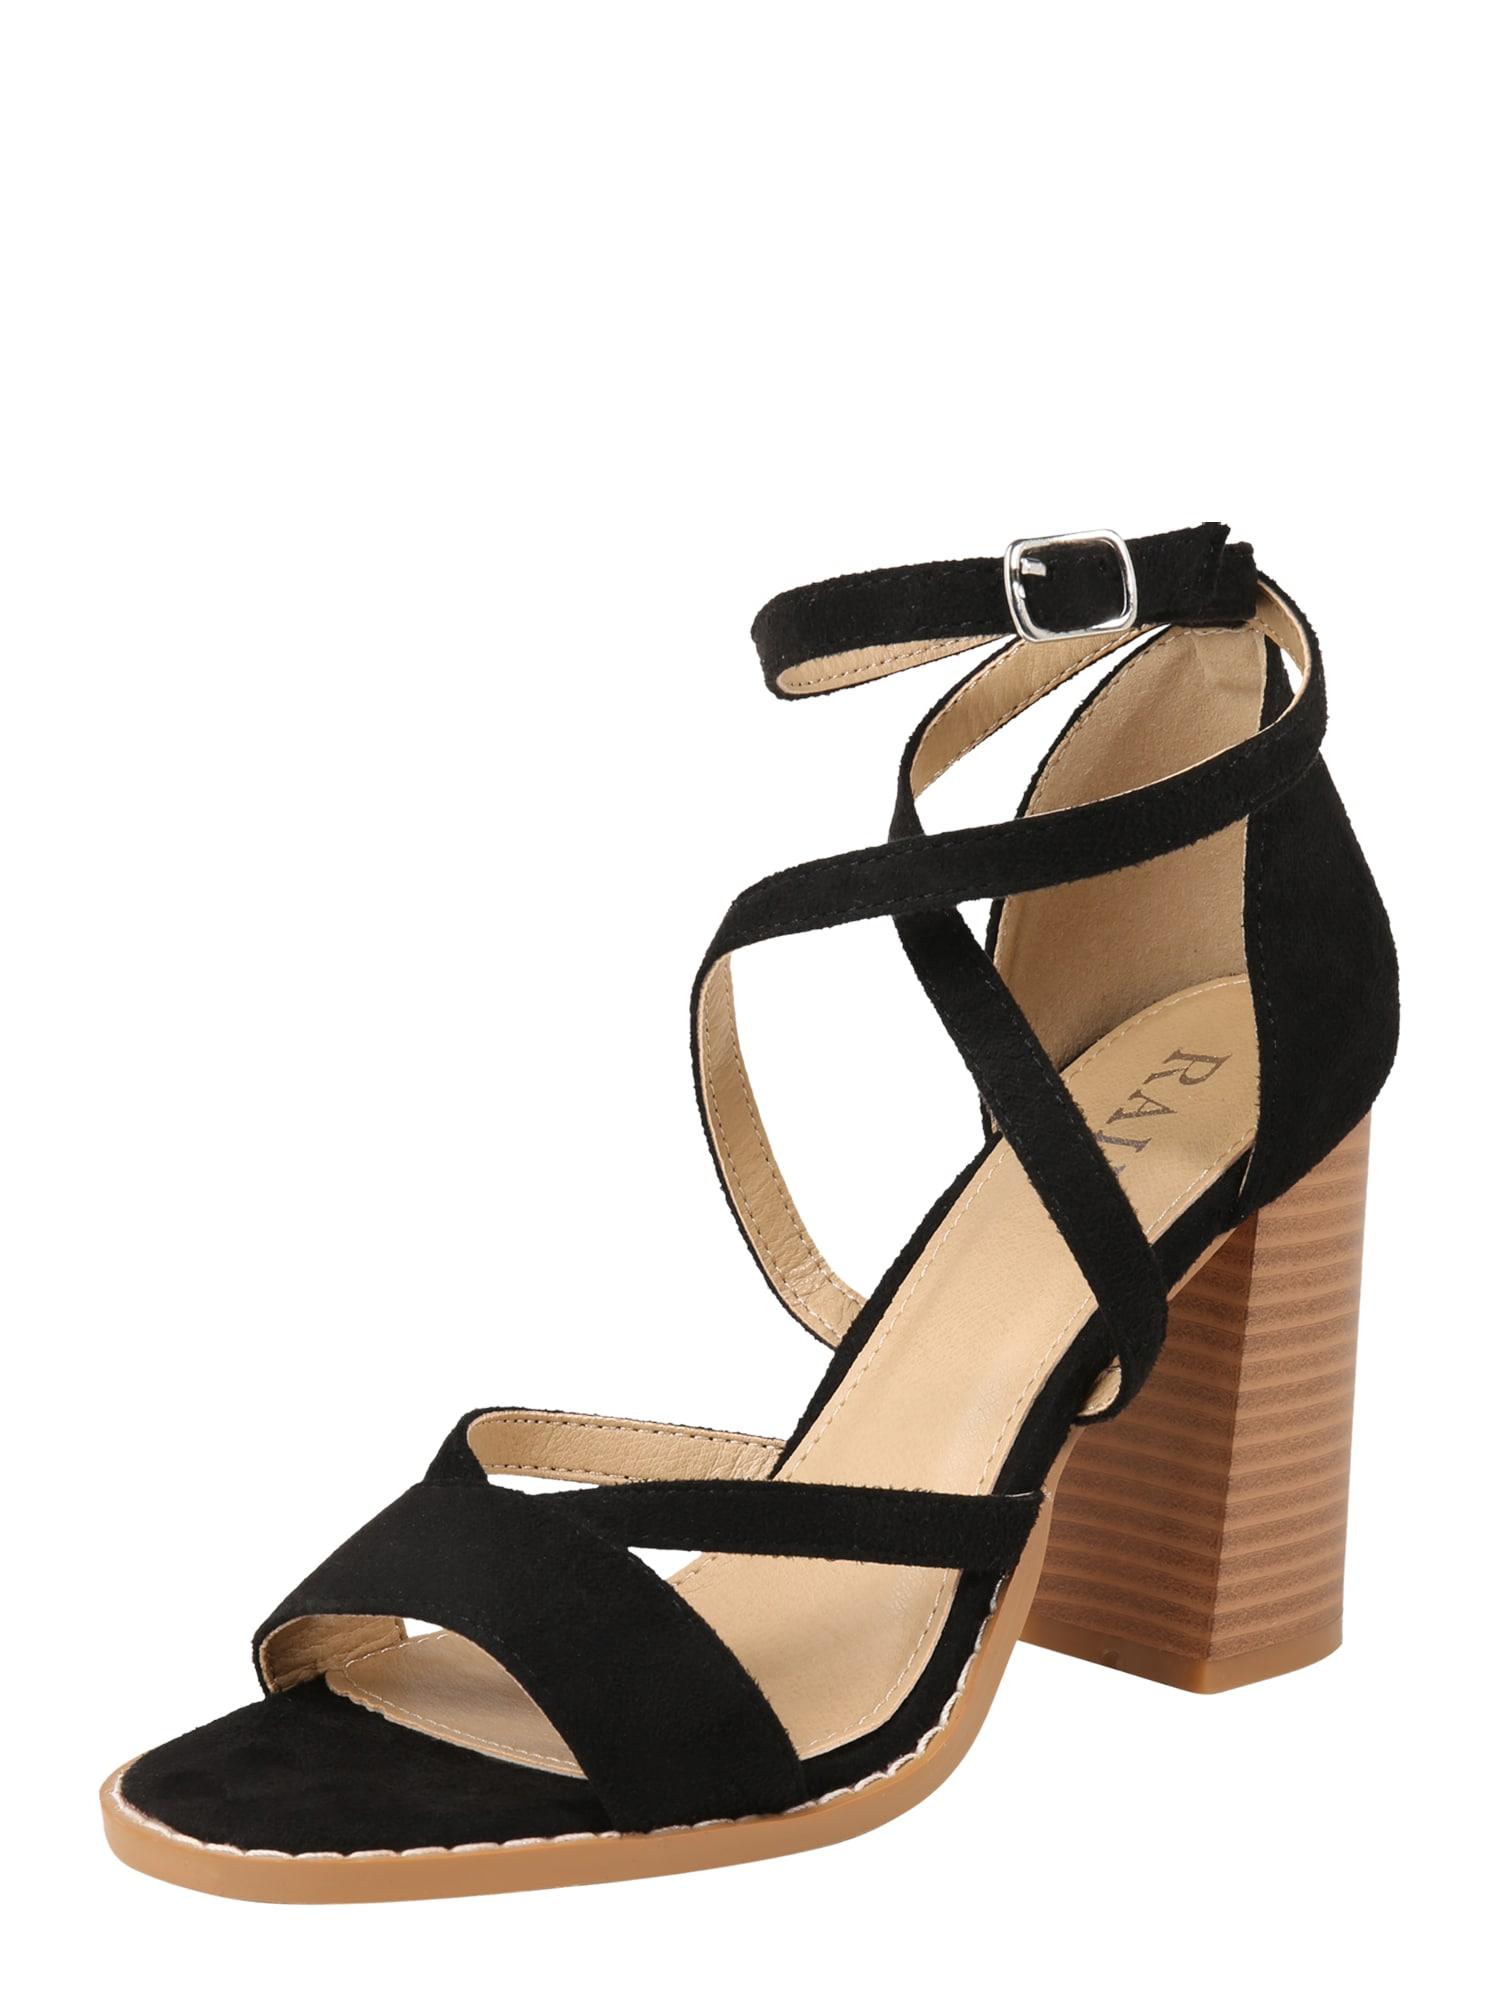 Páskové sandály ESTRELLE-1 černá Raid